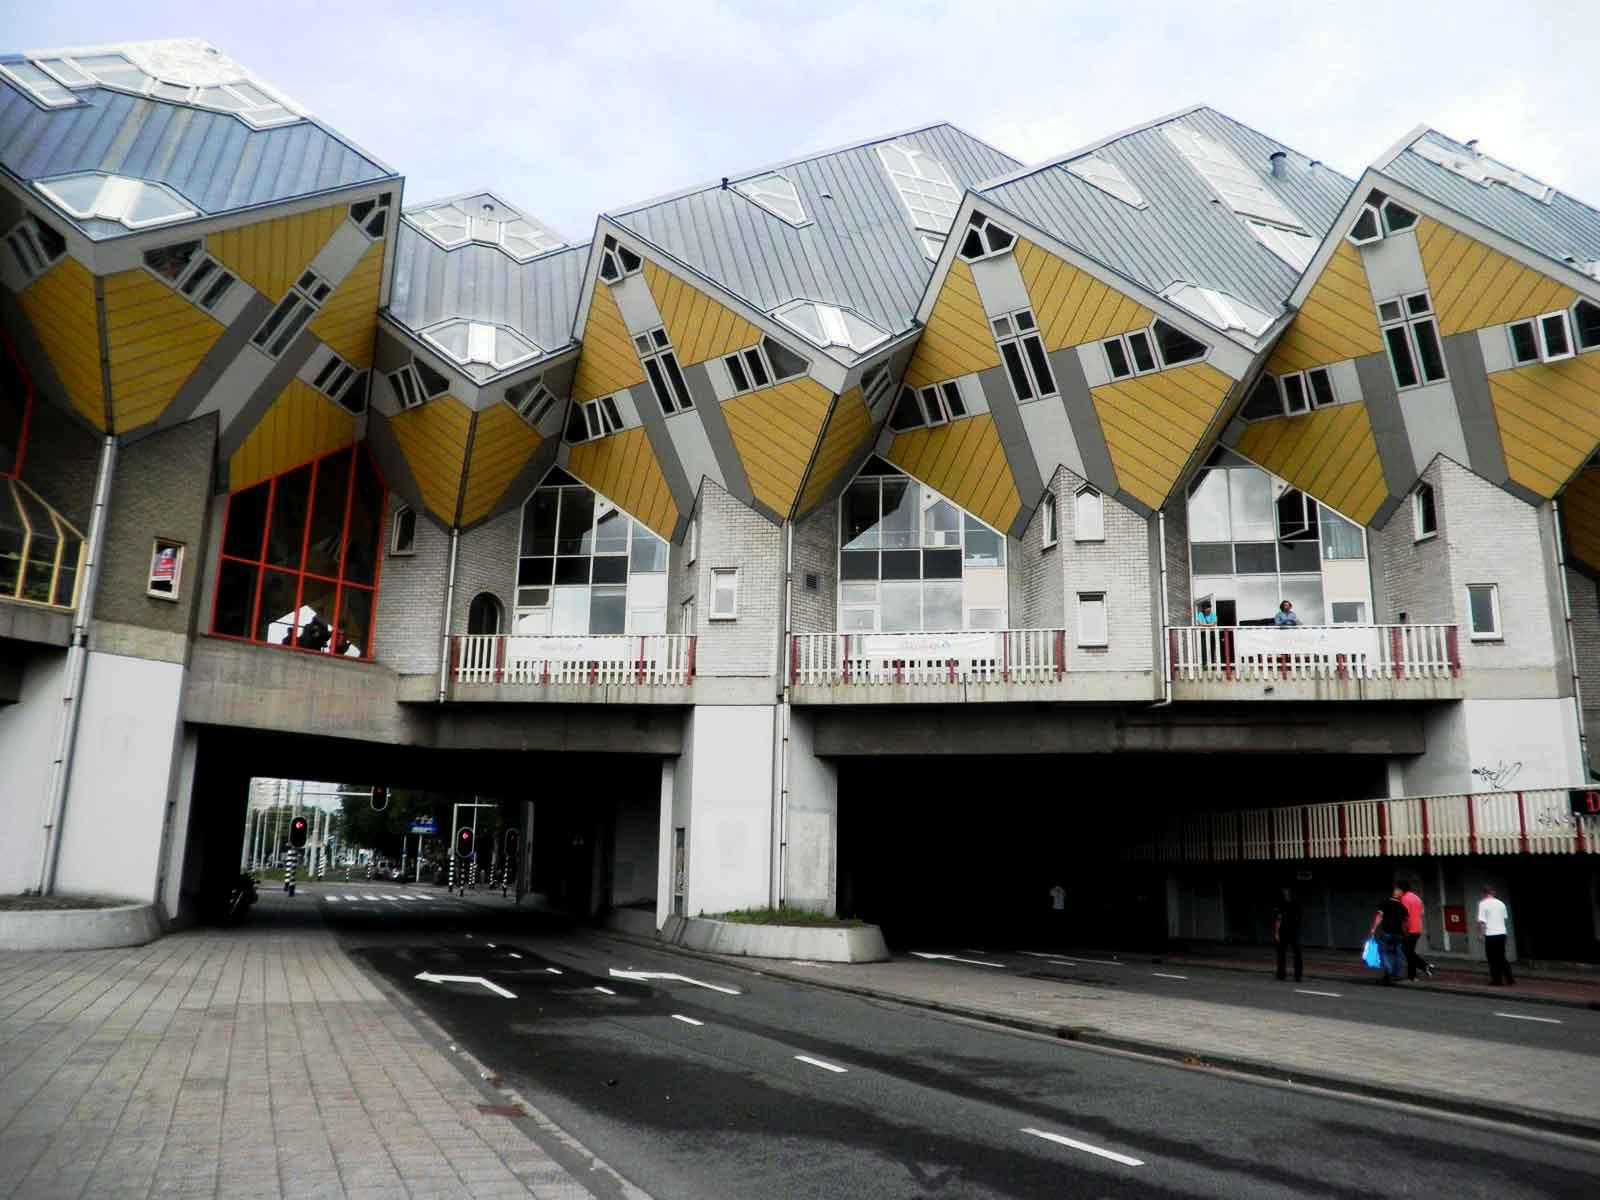 Rotterdam un itinerario a piedi di architettura for Architettura contemporanea barcellona